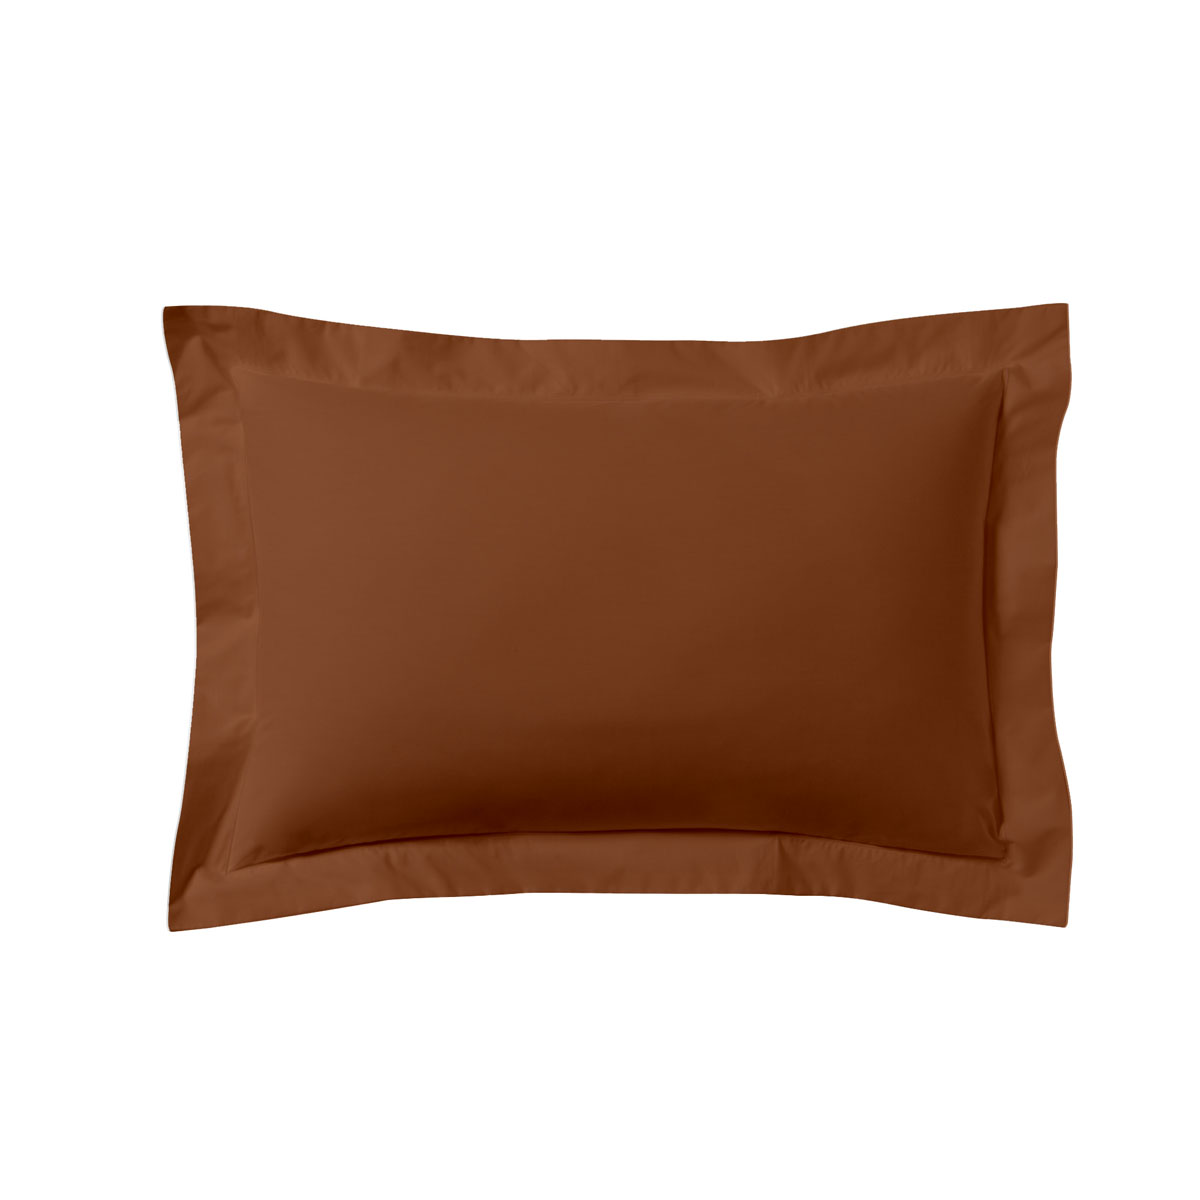 Taie d'oreiller unie en coton terracotta 50x70